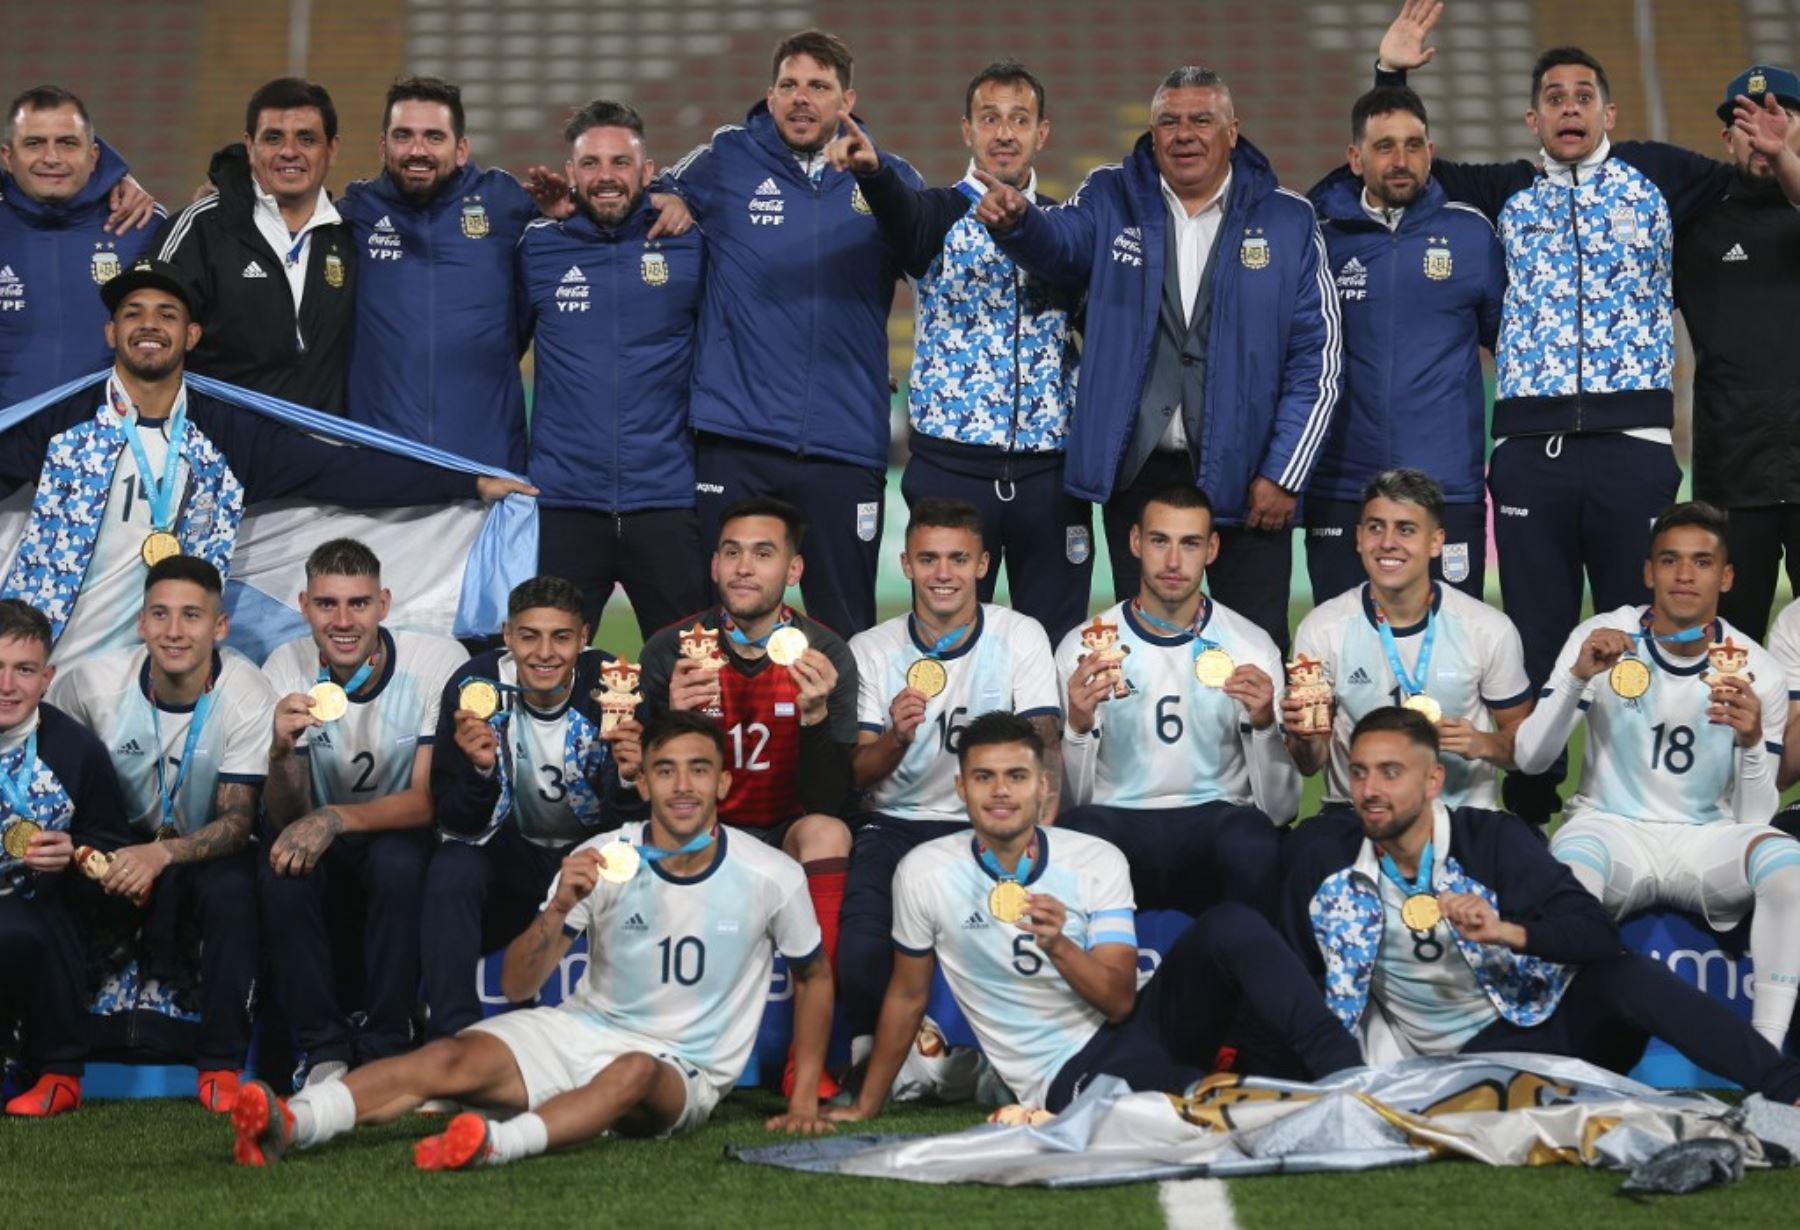 Lima 2019: La selección argentina, la más ganadora del fútbol panamericano